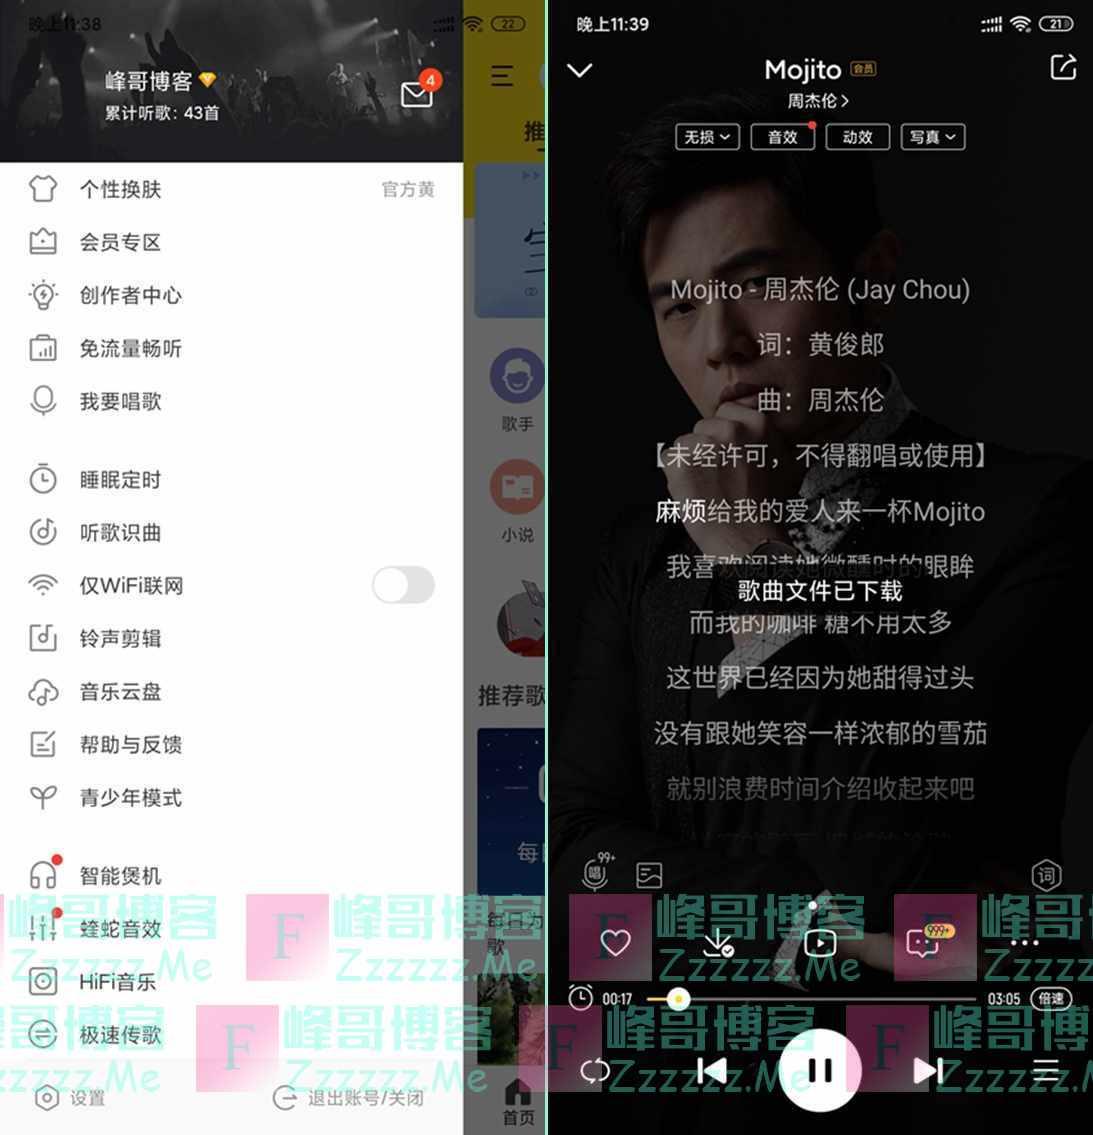 安卓酷我音乐V9.3.3.0 酷我音乐最新豪华VIP破解版下载